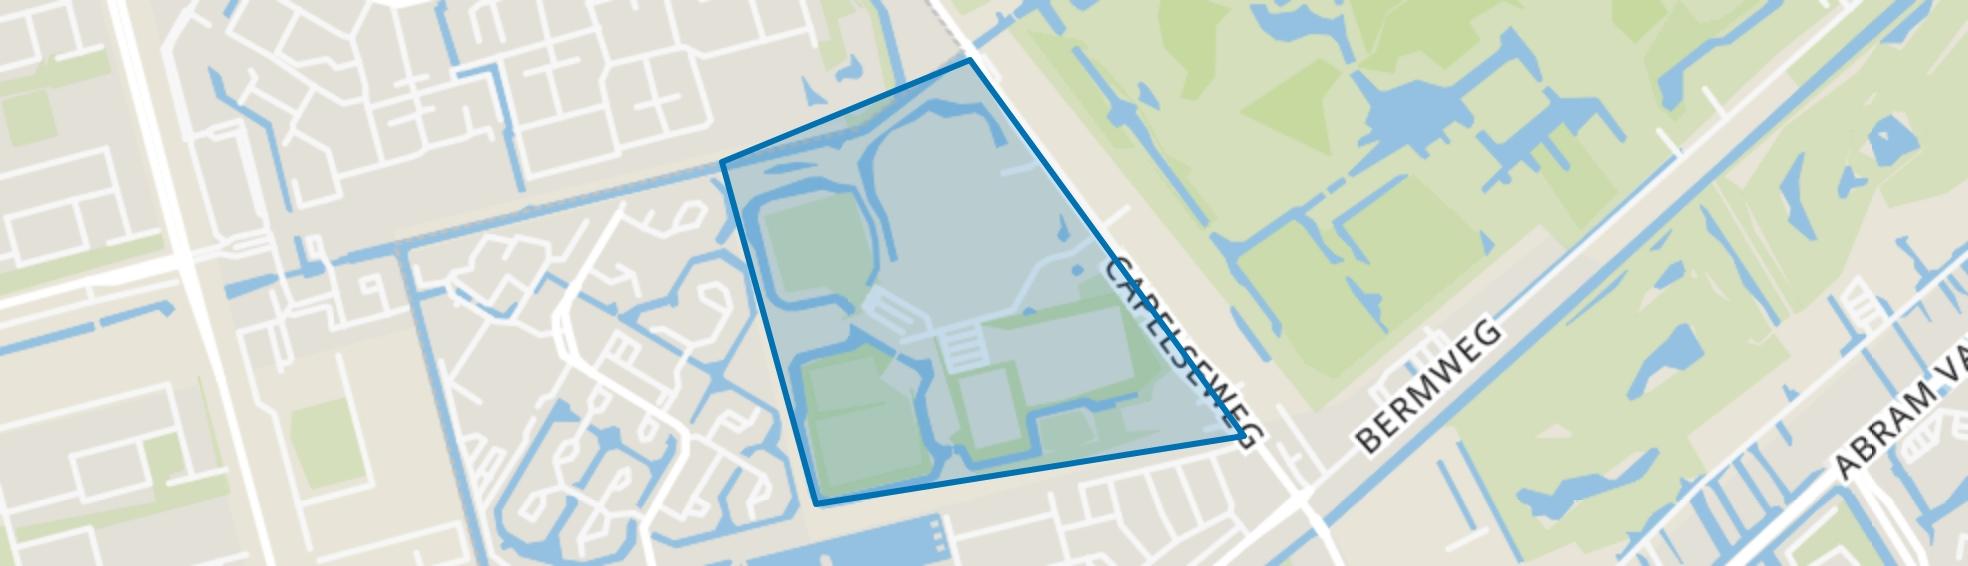 Sportpark Schenkel, Capelle aan den IJssel map